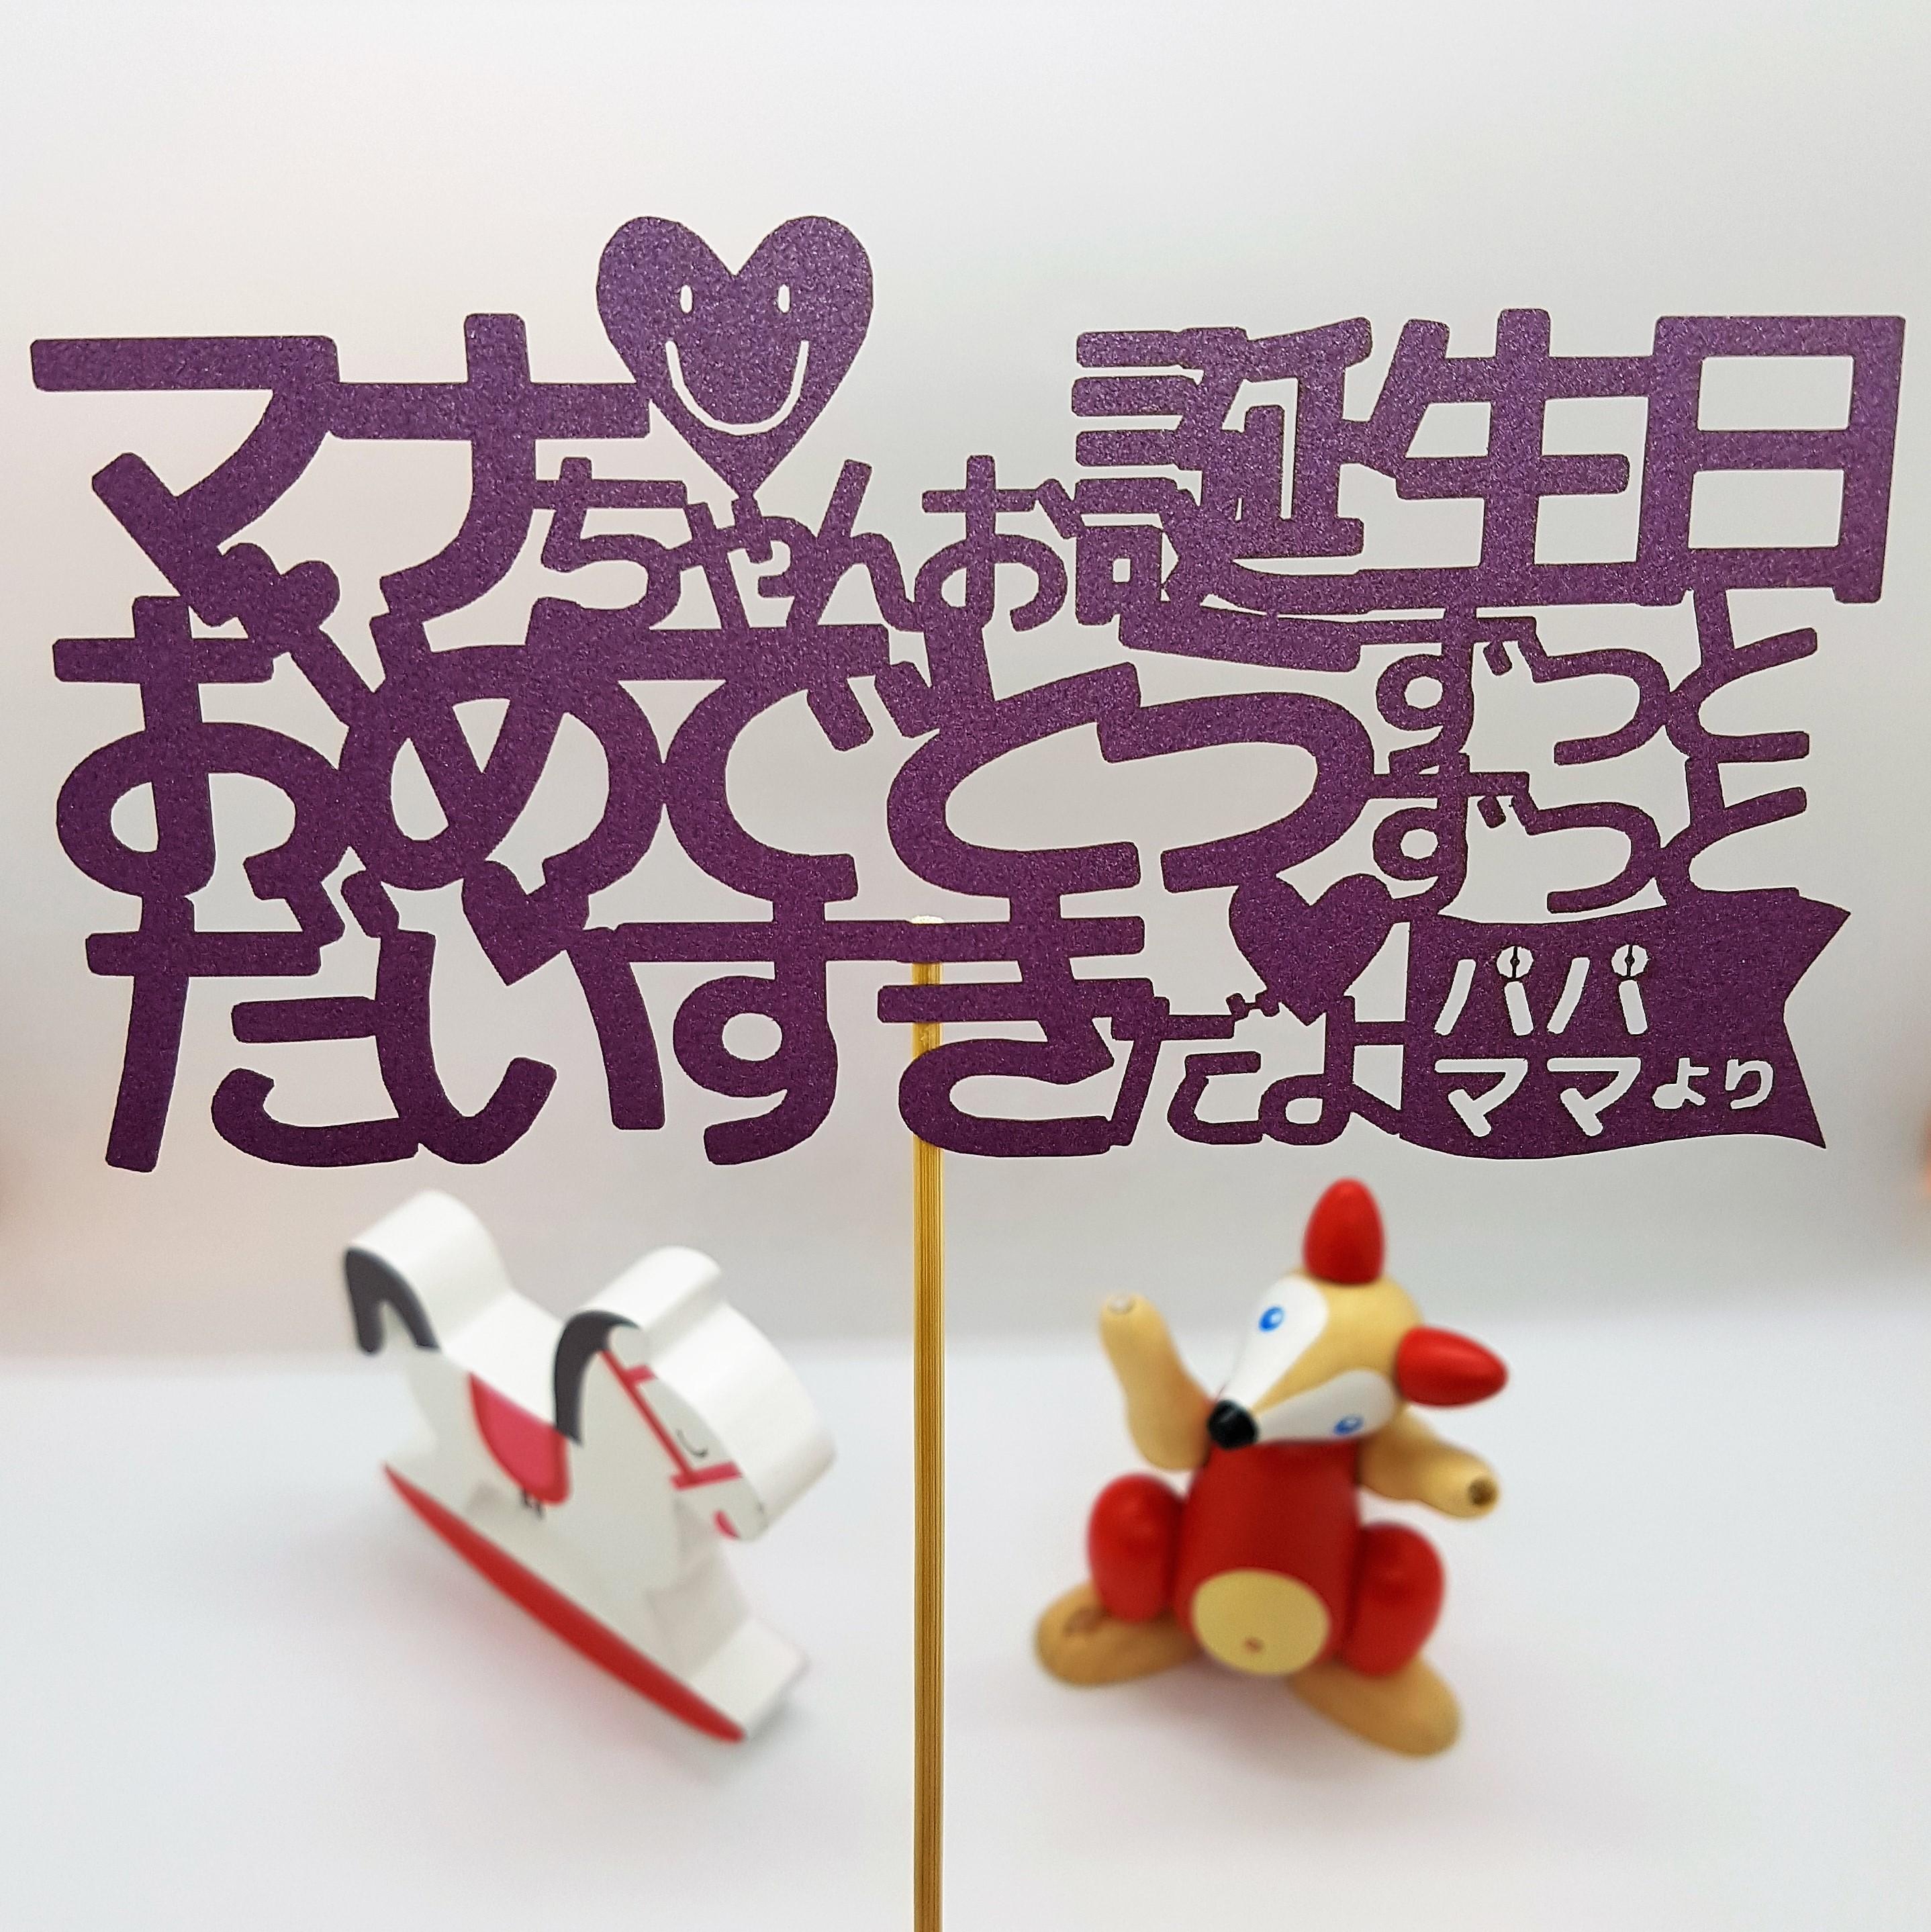 「名前変更可能」ケーキトッパー/ピック(誕生日03)-Birthday cake topper -